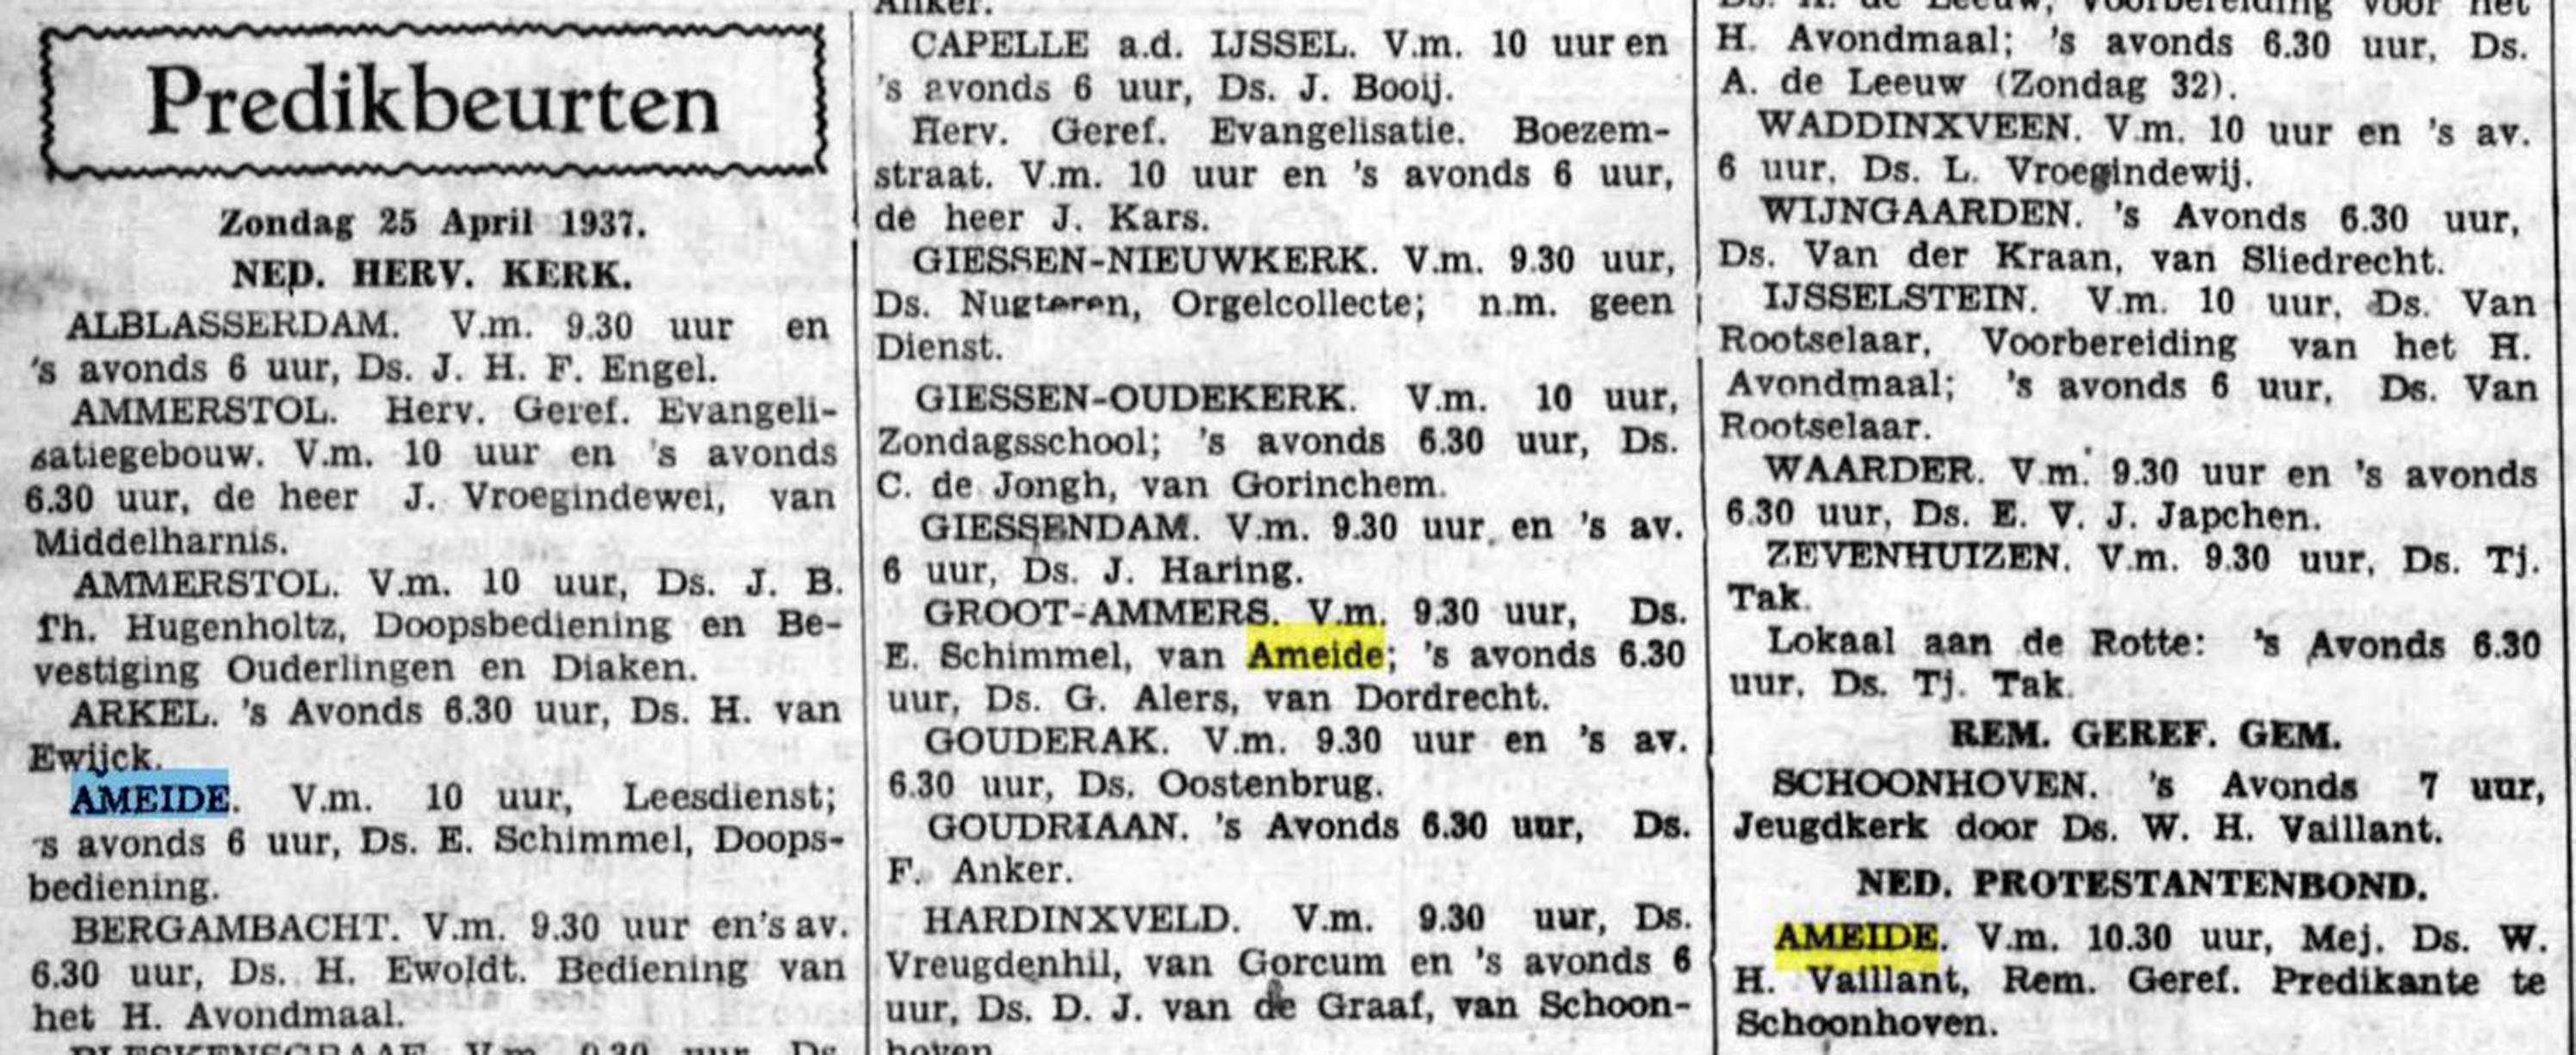 schoonhovensche-courant-06800-1937-04-23-artikel-06